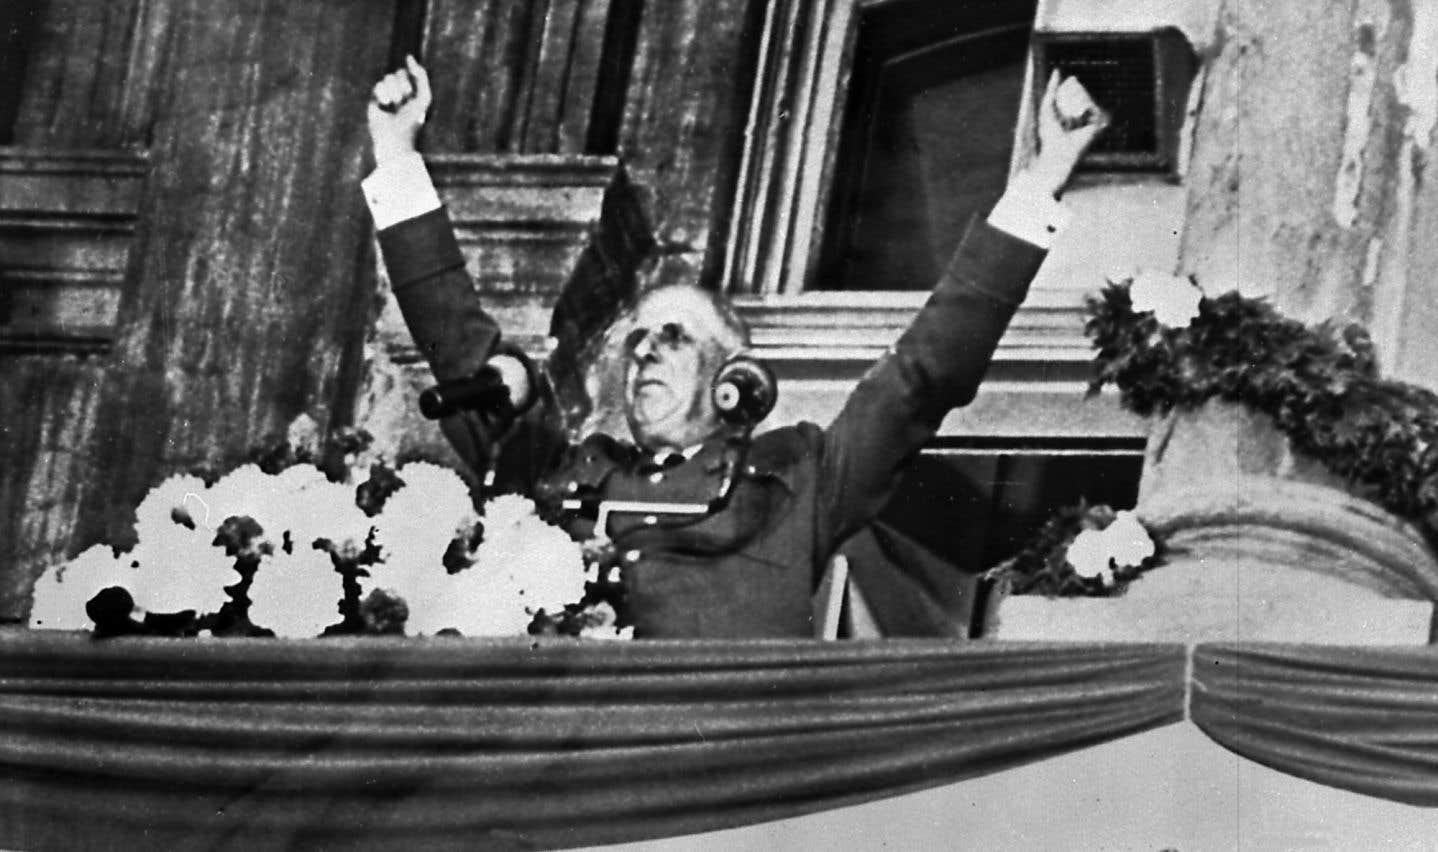 Empreint de la force de conviction inhérente à Charles de Gaulle, le discours à l'hôtel de ville s'arrime à une période où la parole française est déliée de toutes contraintes.